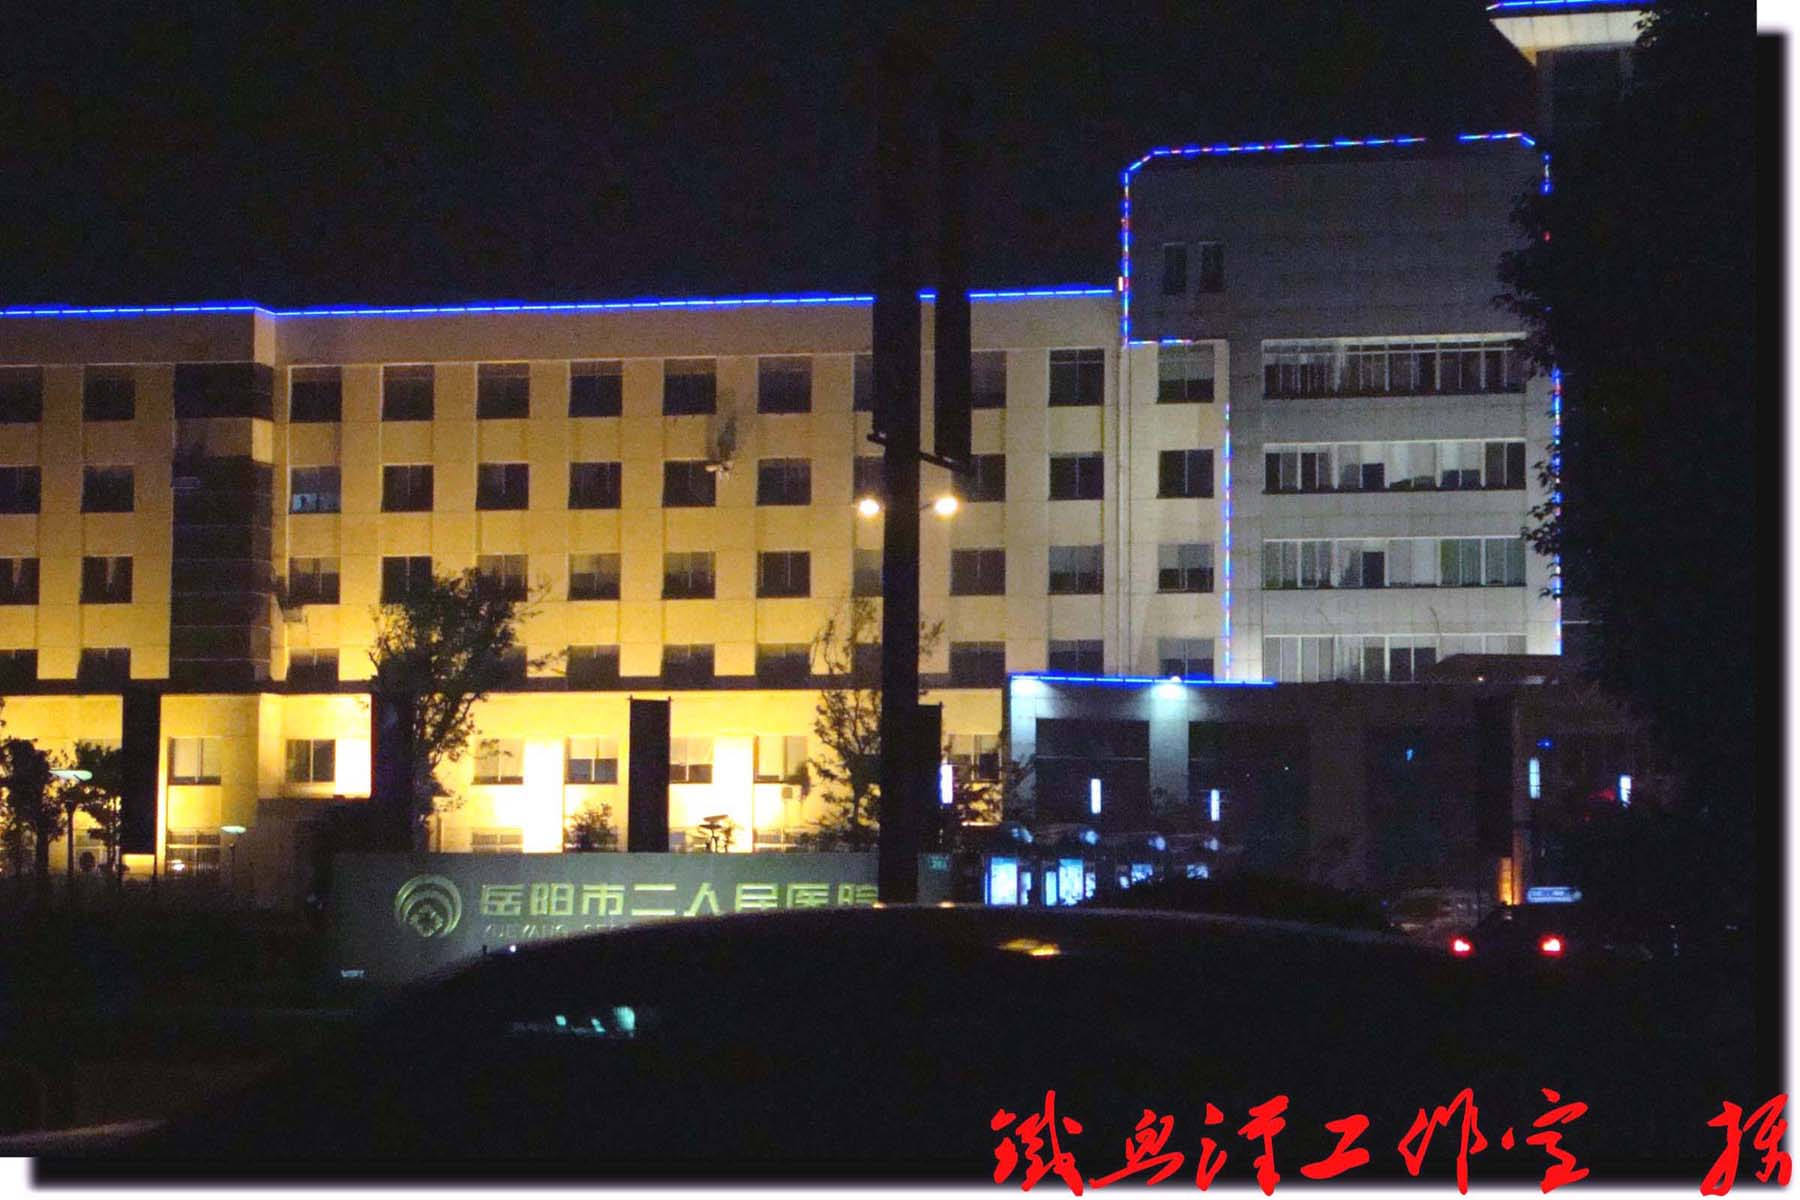 岳阳市二医院:蓄意动辄殴人的保安